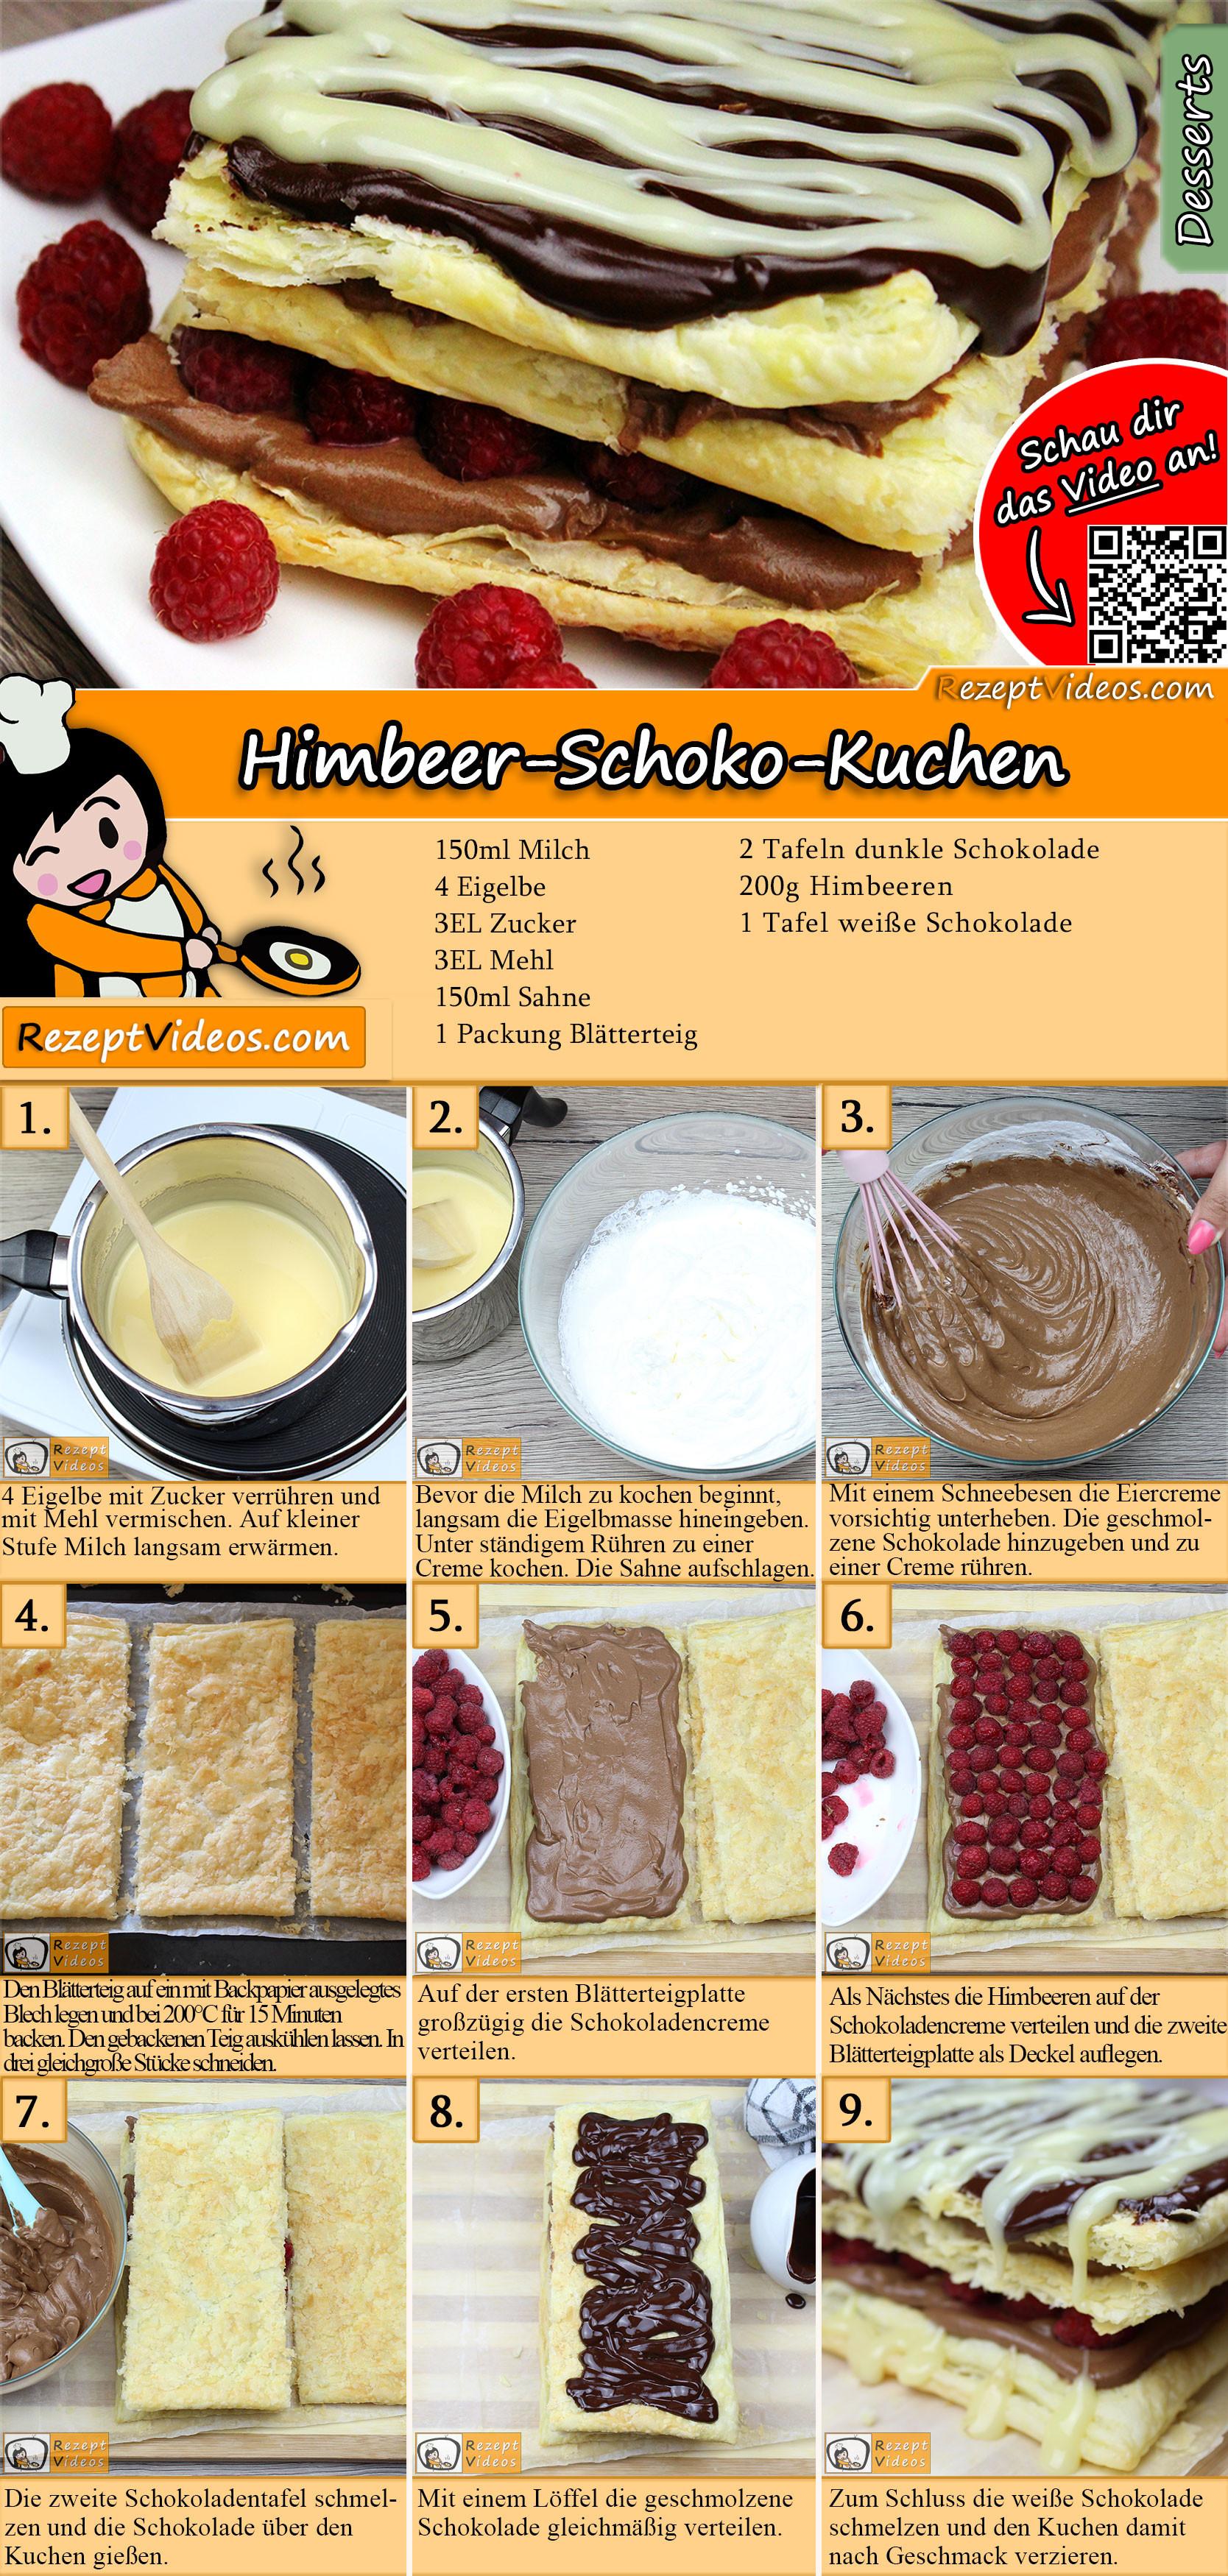 Himbeer-Schoko-Kuchen Rezept mit Video